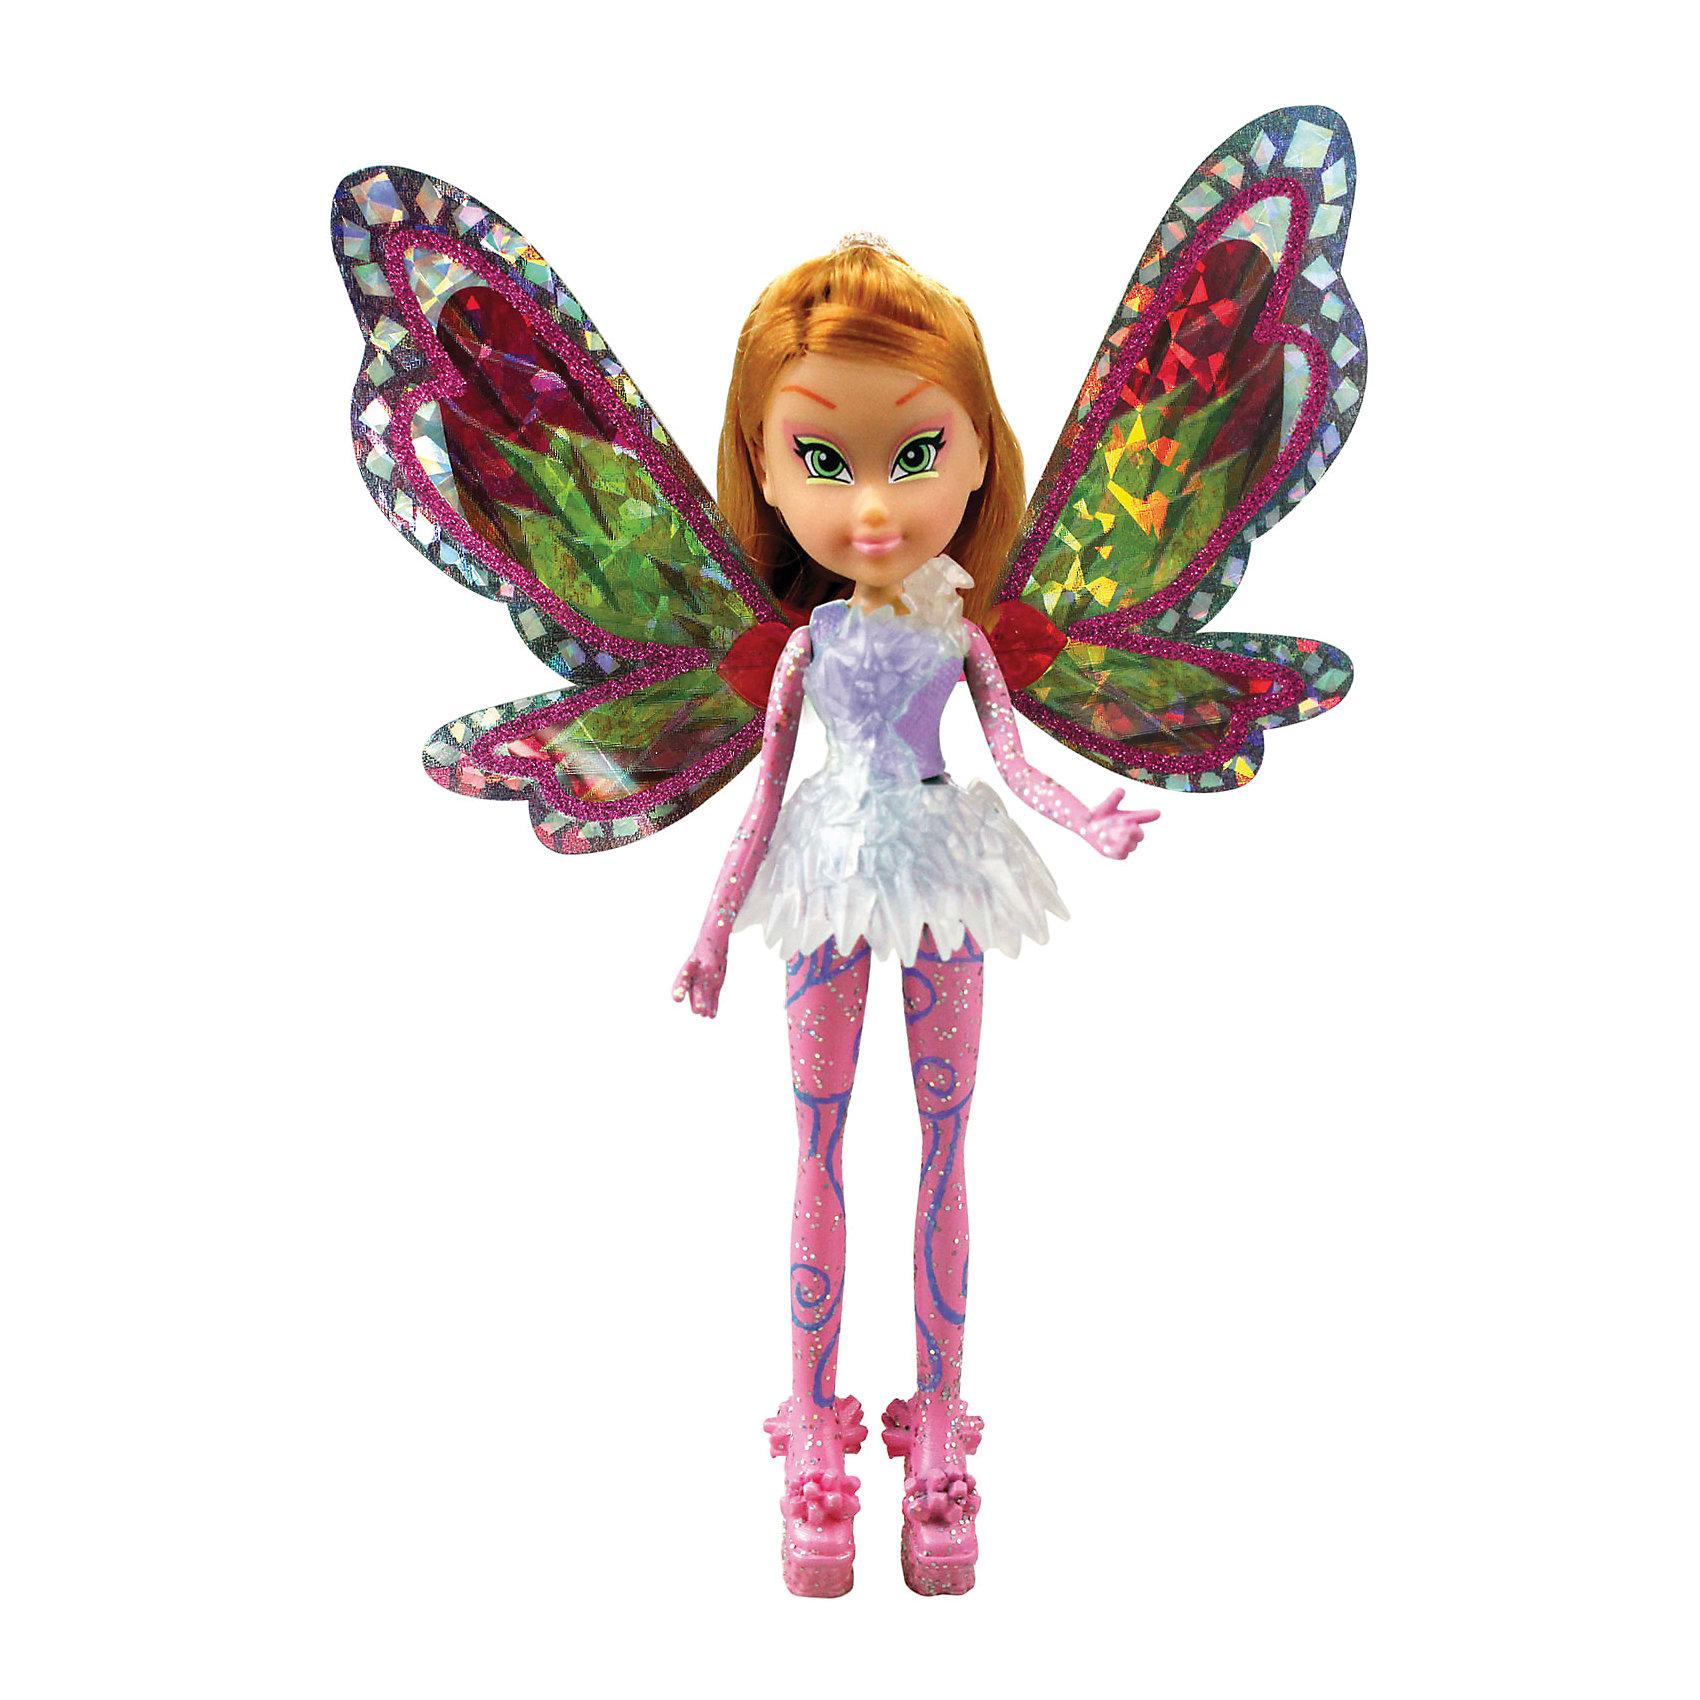 Мини-фигурки Тайникс - Флора, Winx ClubБренды кукол<br>Характеристики товара:<br><br>• возраст: от 3 лет;<br>• материал: пластик, текстиль;<br>• в комплекте: кукла, платье, крылья, подставка;<br>• высота куклы: 12 см;<br>• размер упаковки: 23х18х6 см;<br>• вес упаковки: 85 гр.;<br>• страна производитель: Китай.<br><br>Мини-фигурка Флора «Тайникс» Winx Club создана по мотивам известного мультсериала «Клуб Винкс: Школа волшебниц» про очаровательных фей-волшебниц. Флора любит выращивать растения и цветы и варить зелье для них. Вся ее комната усыпана разнообразными цветочками. Она общительна и с удовольствием приглашает в гости свою подружку Лейлу.<br><br>При помощи магии Тайникс феи научились уменьшаться в размере, чтобы путешествовать в мини-миры. У феи выразительные зеленые глаза и светлые волосы. За спиной куклы разноцветные крылышки, которые переливаются и порхают.<br><br>Мини-фигурку Флору «Тайникс» Winx Club можно приобрести в нашем интернет-магазине.<br><br>Ширина мм: 80<br>Глубина мм: 210<br>Высота мм: 50<br>Вес г: 120<br>Возраст от месяцев: 36<br>Возраст до месяцев: 2147483647<br>Пол: Женский<br>Возраст: Детский<br>SKU: 5383947